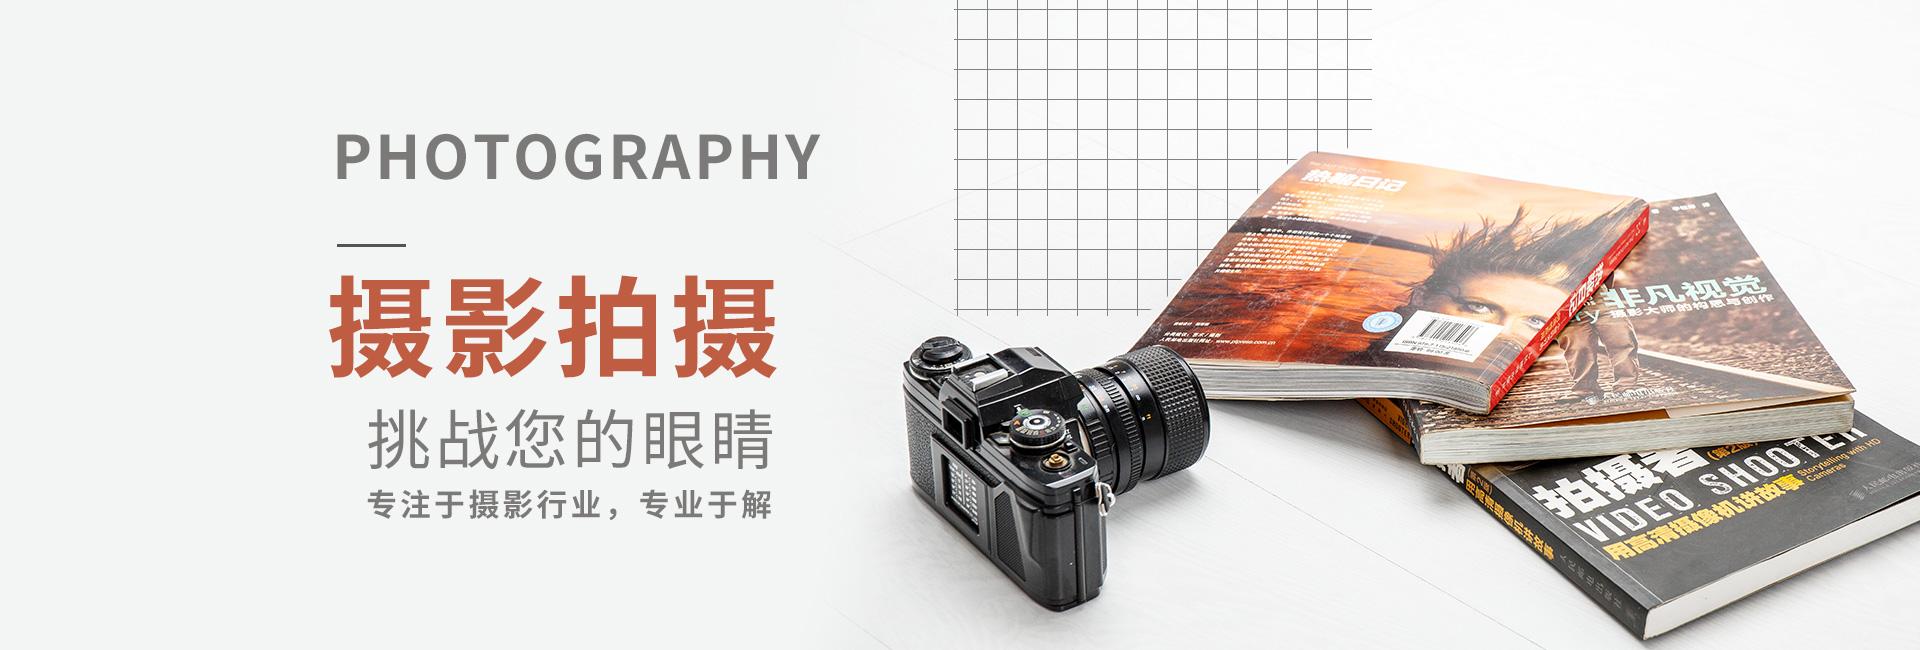 摄影拍摄公司